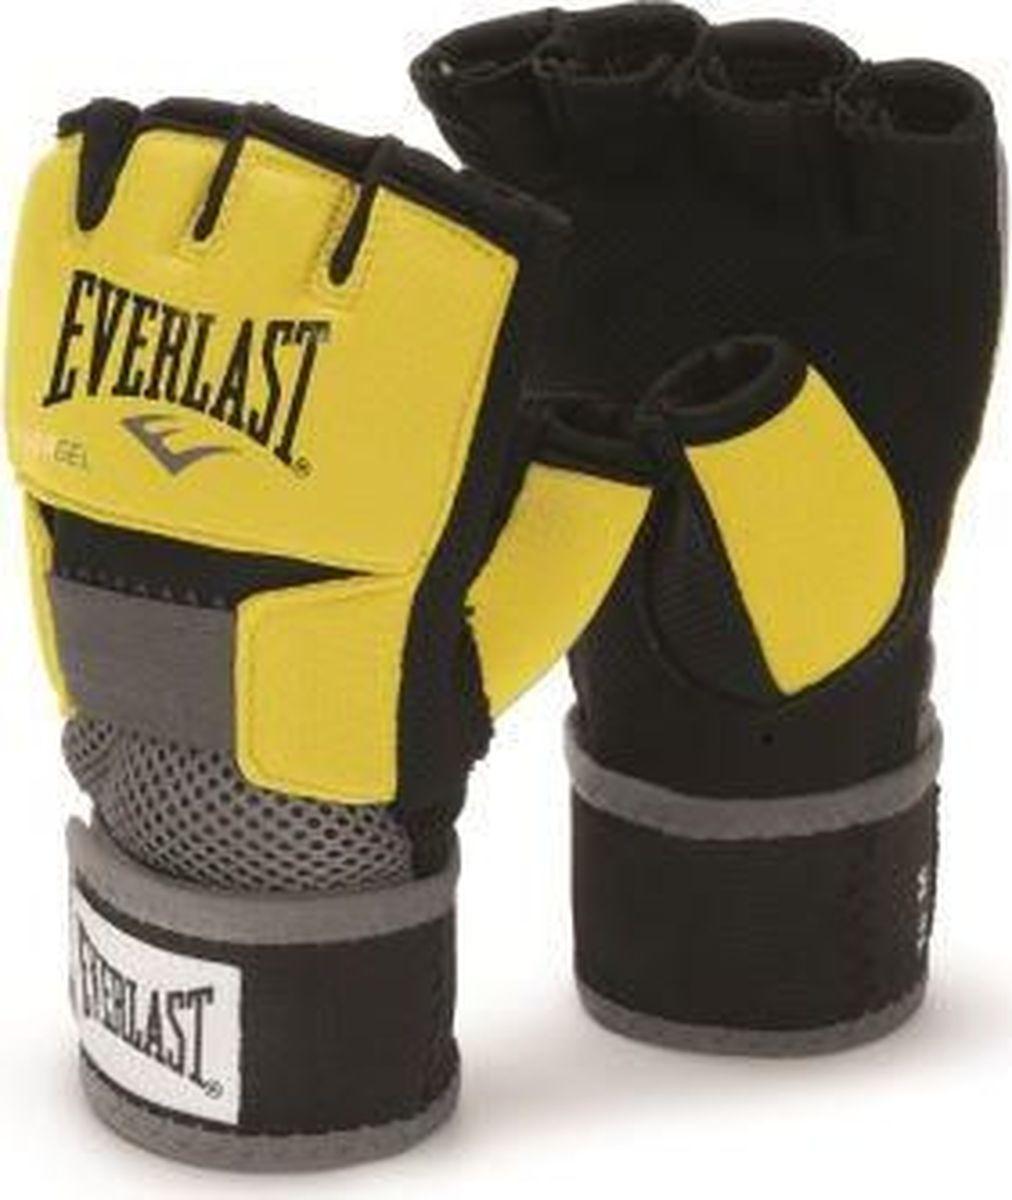 Боксерские перчатки Everlast Evergel, гелевые, 4355MU, желтый, черный, размер M